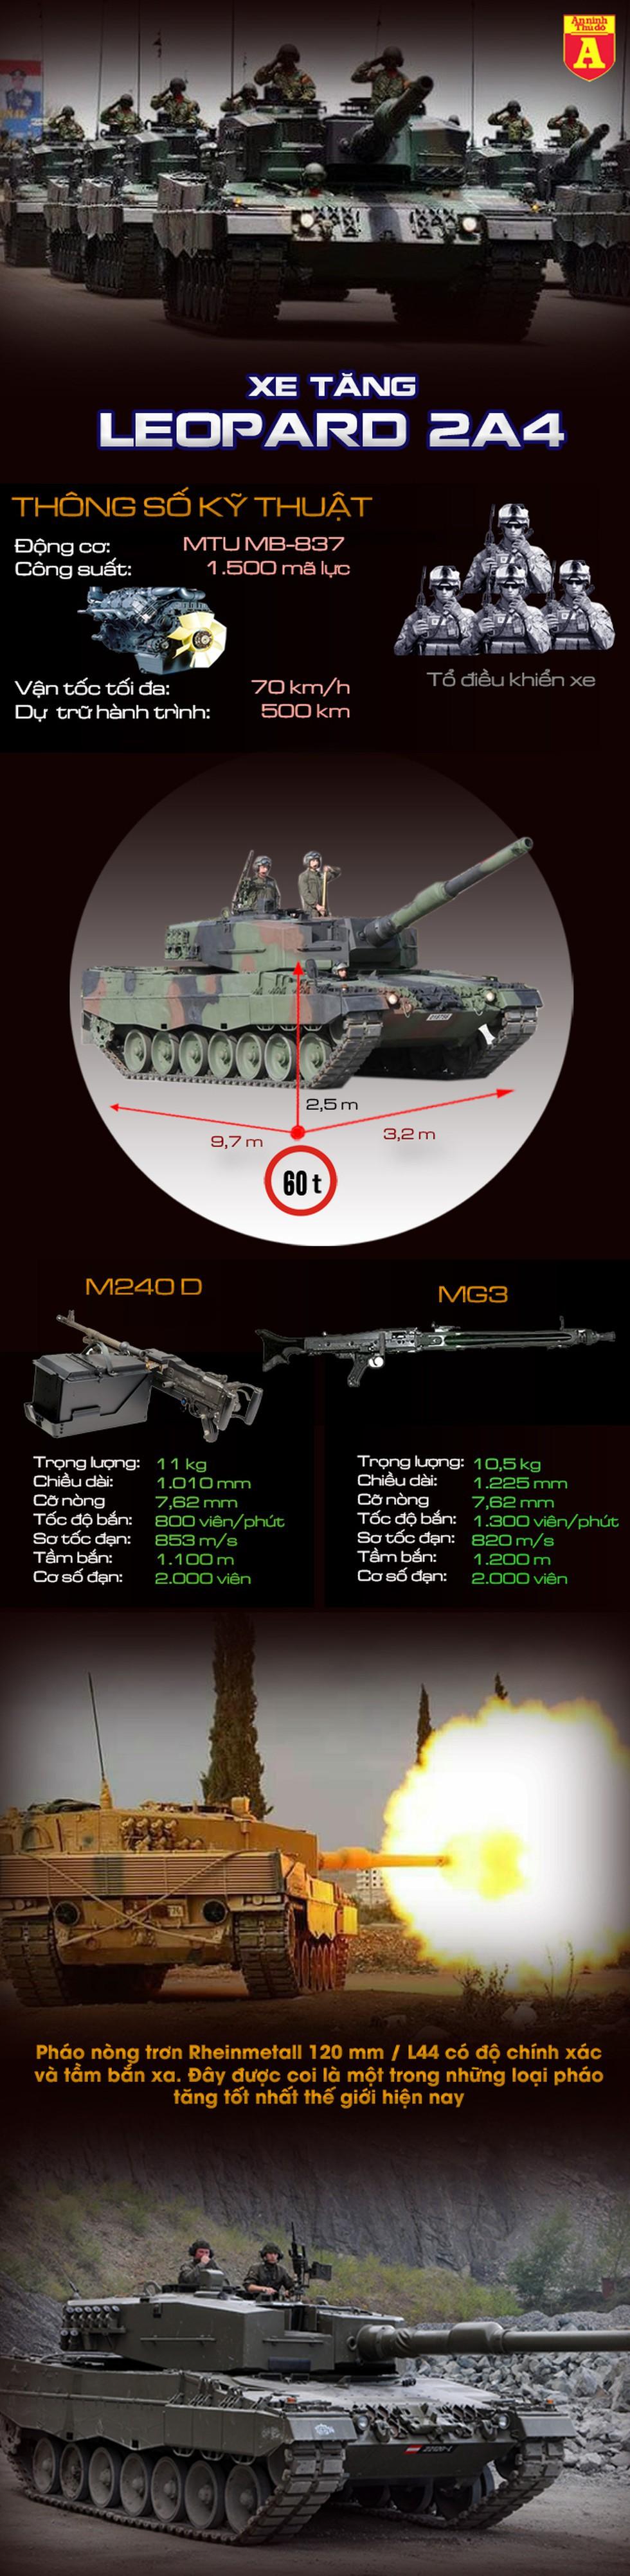 """[Infographics] Chiến trường Syria trở thành """"máy nghiền"""" xe tăng Leopard 2A4 Thổ Nhĩ Kỳ - Ảnh 1"""